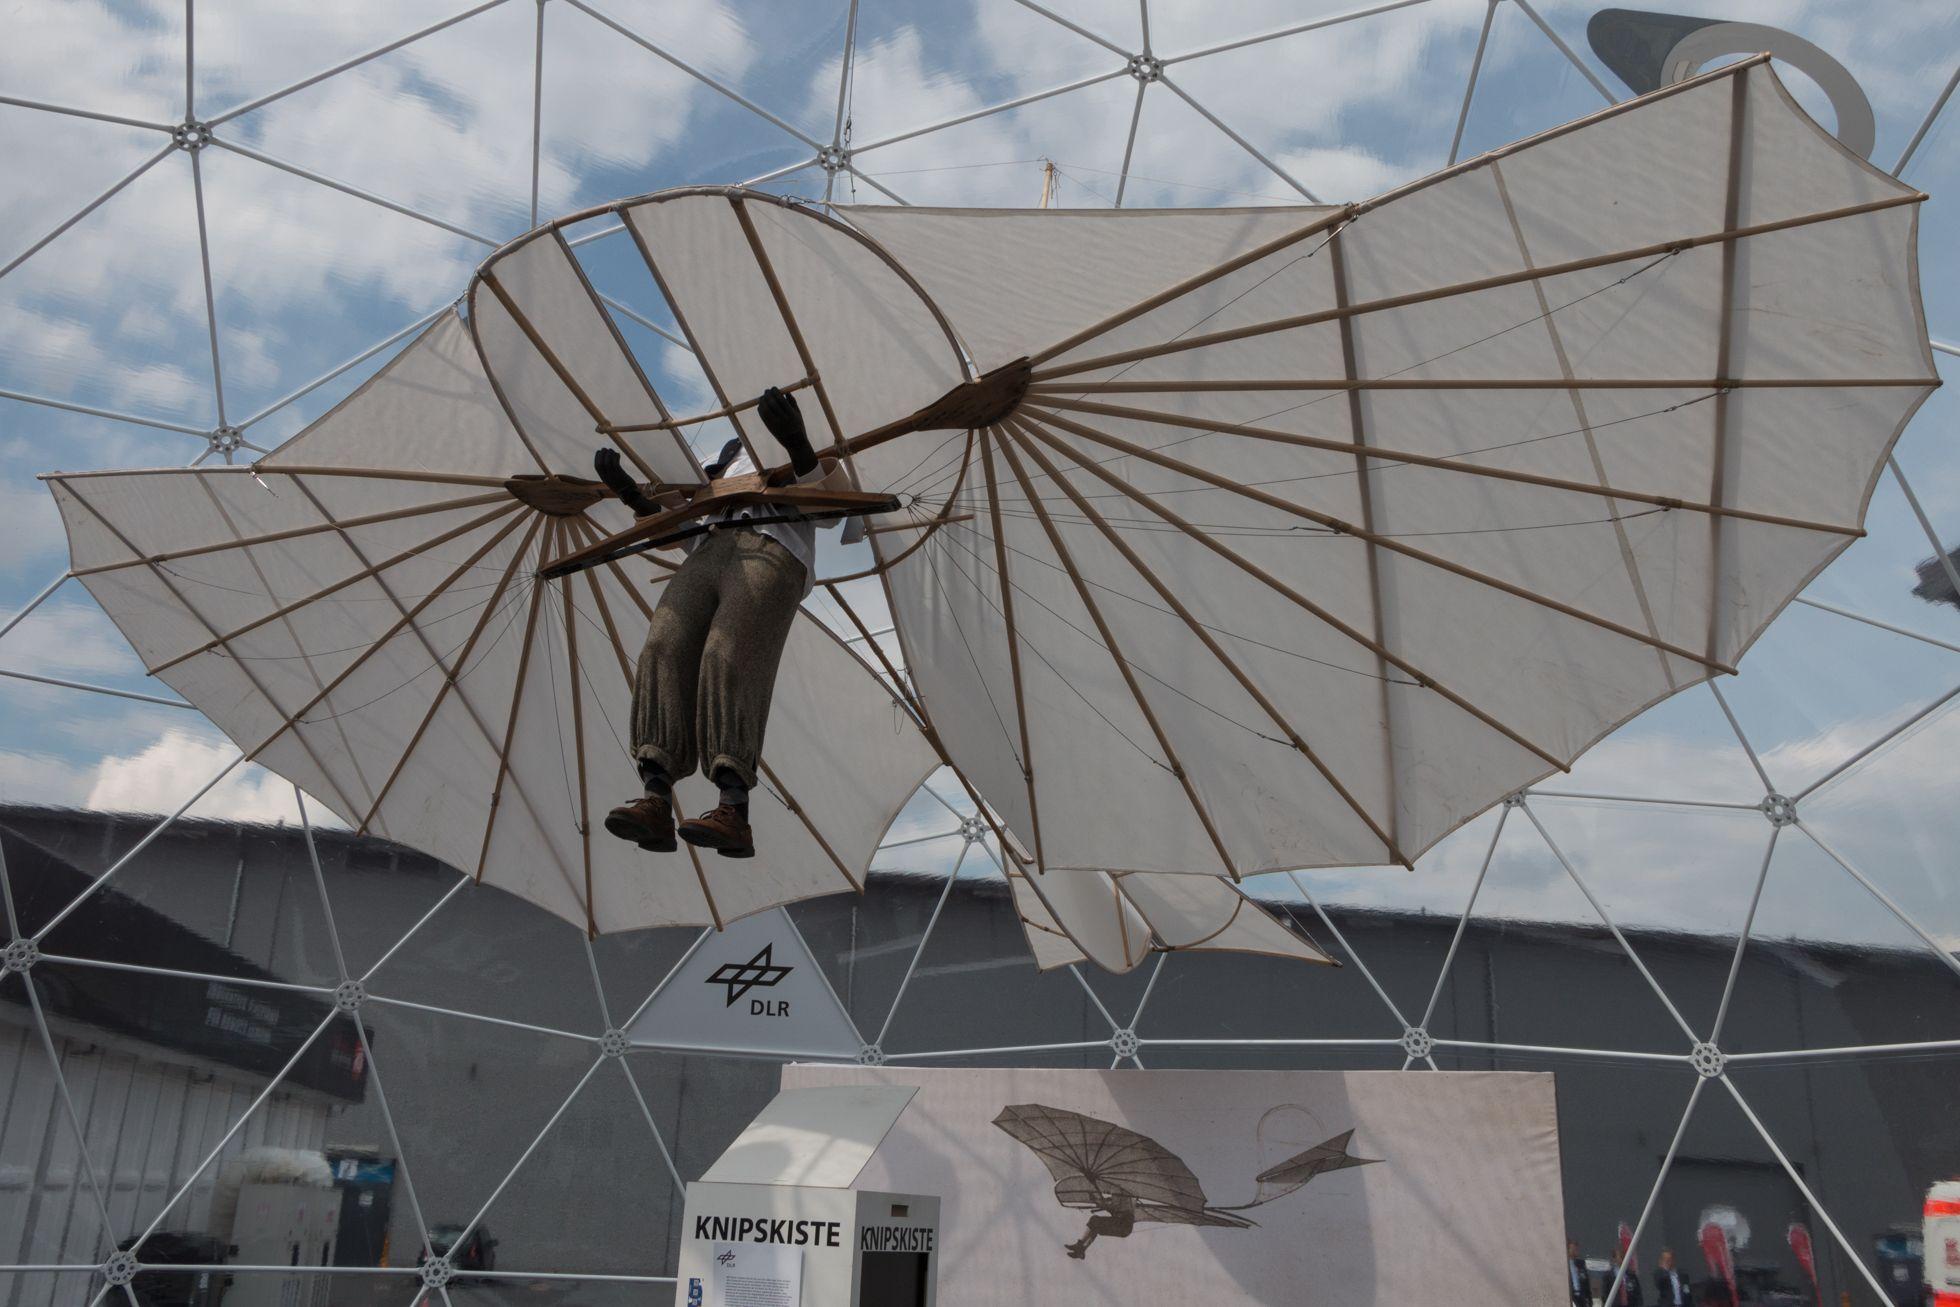 Luftfahrt: Drohnen, Schwerelosigkeit und ein Flieger aus dem 3D-Drucker - Historisch: ein Nachbau des Gleiters des Flugpioniers Otto Lilienthal (Foto: Werner Pluta/Golem.de)